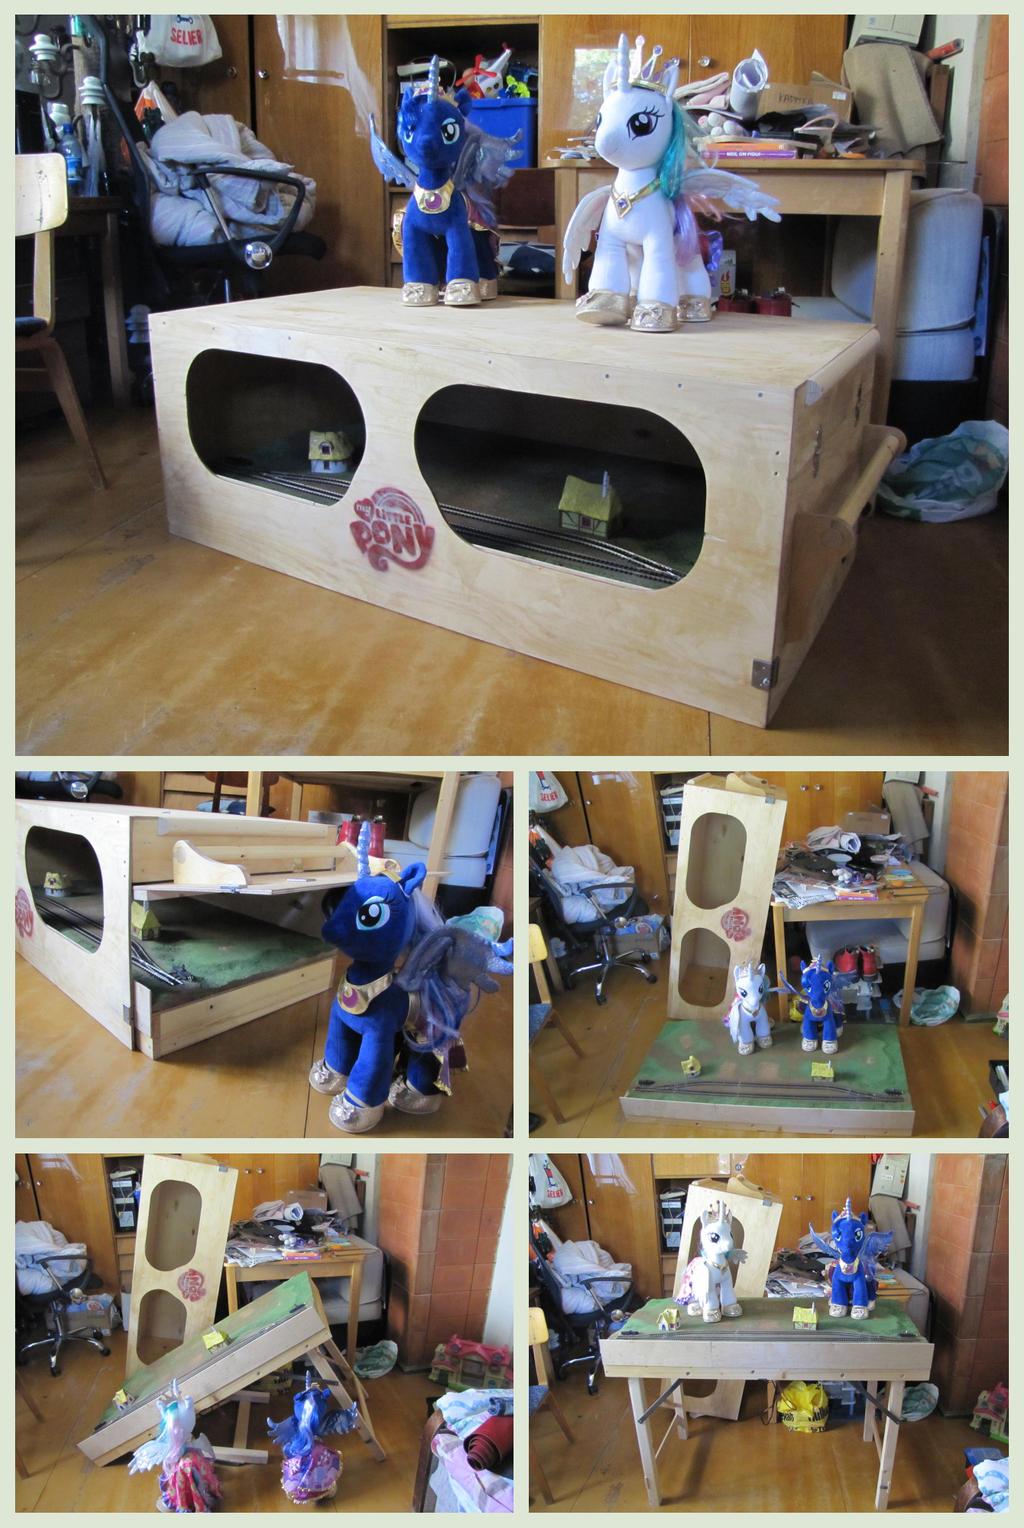 storage_box_by_soobel-da2x2g9.jpg